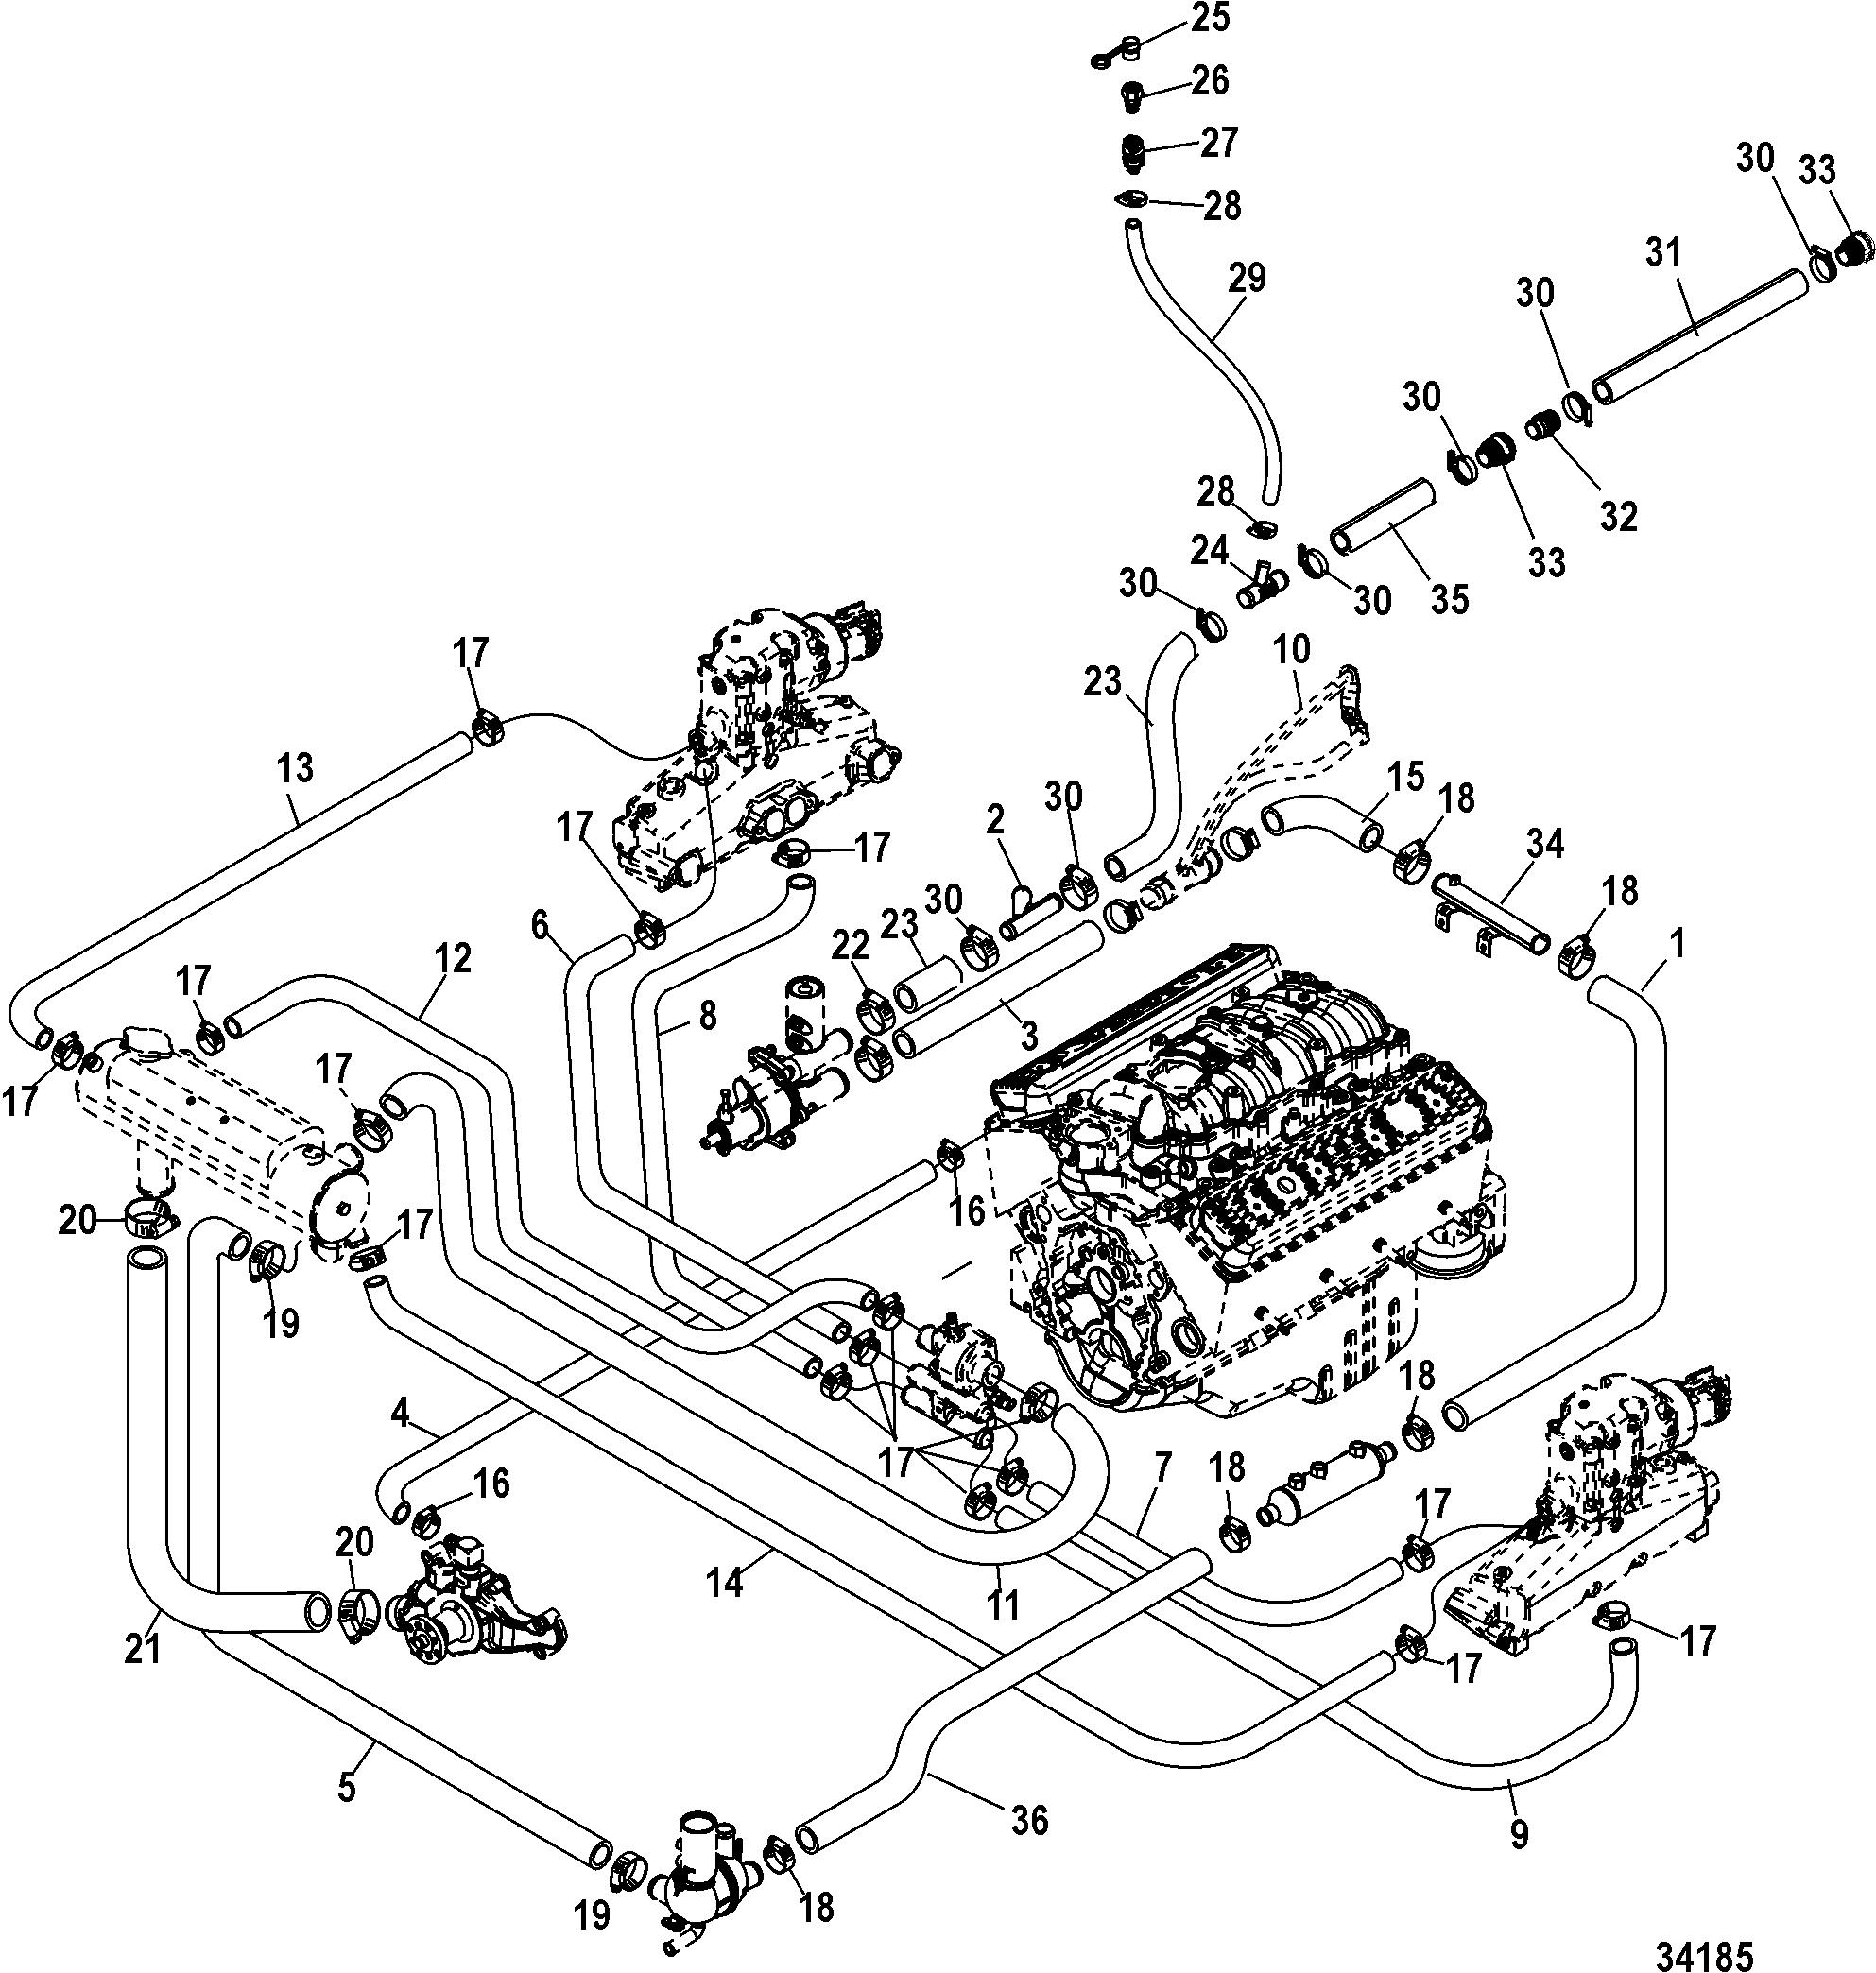 34 Mercruiser 5 0 Wiring Diagram